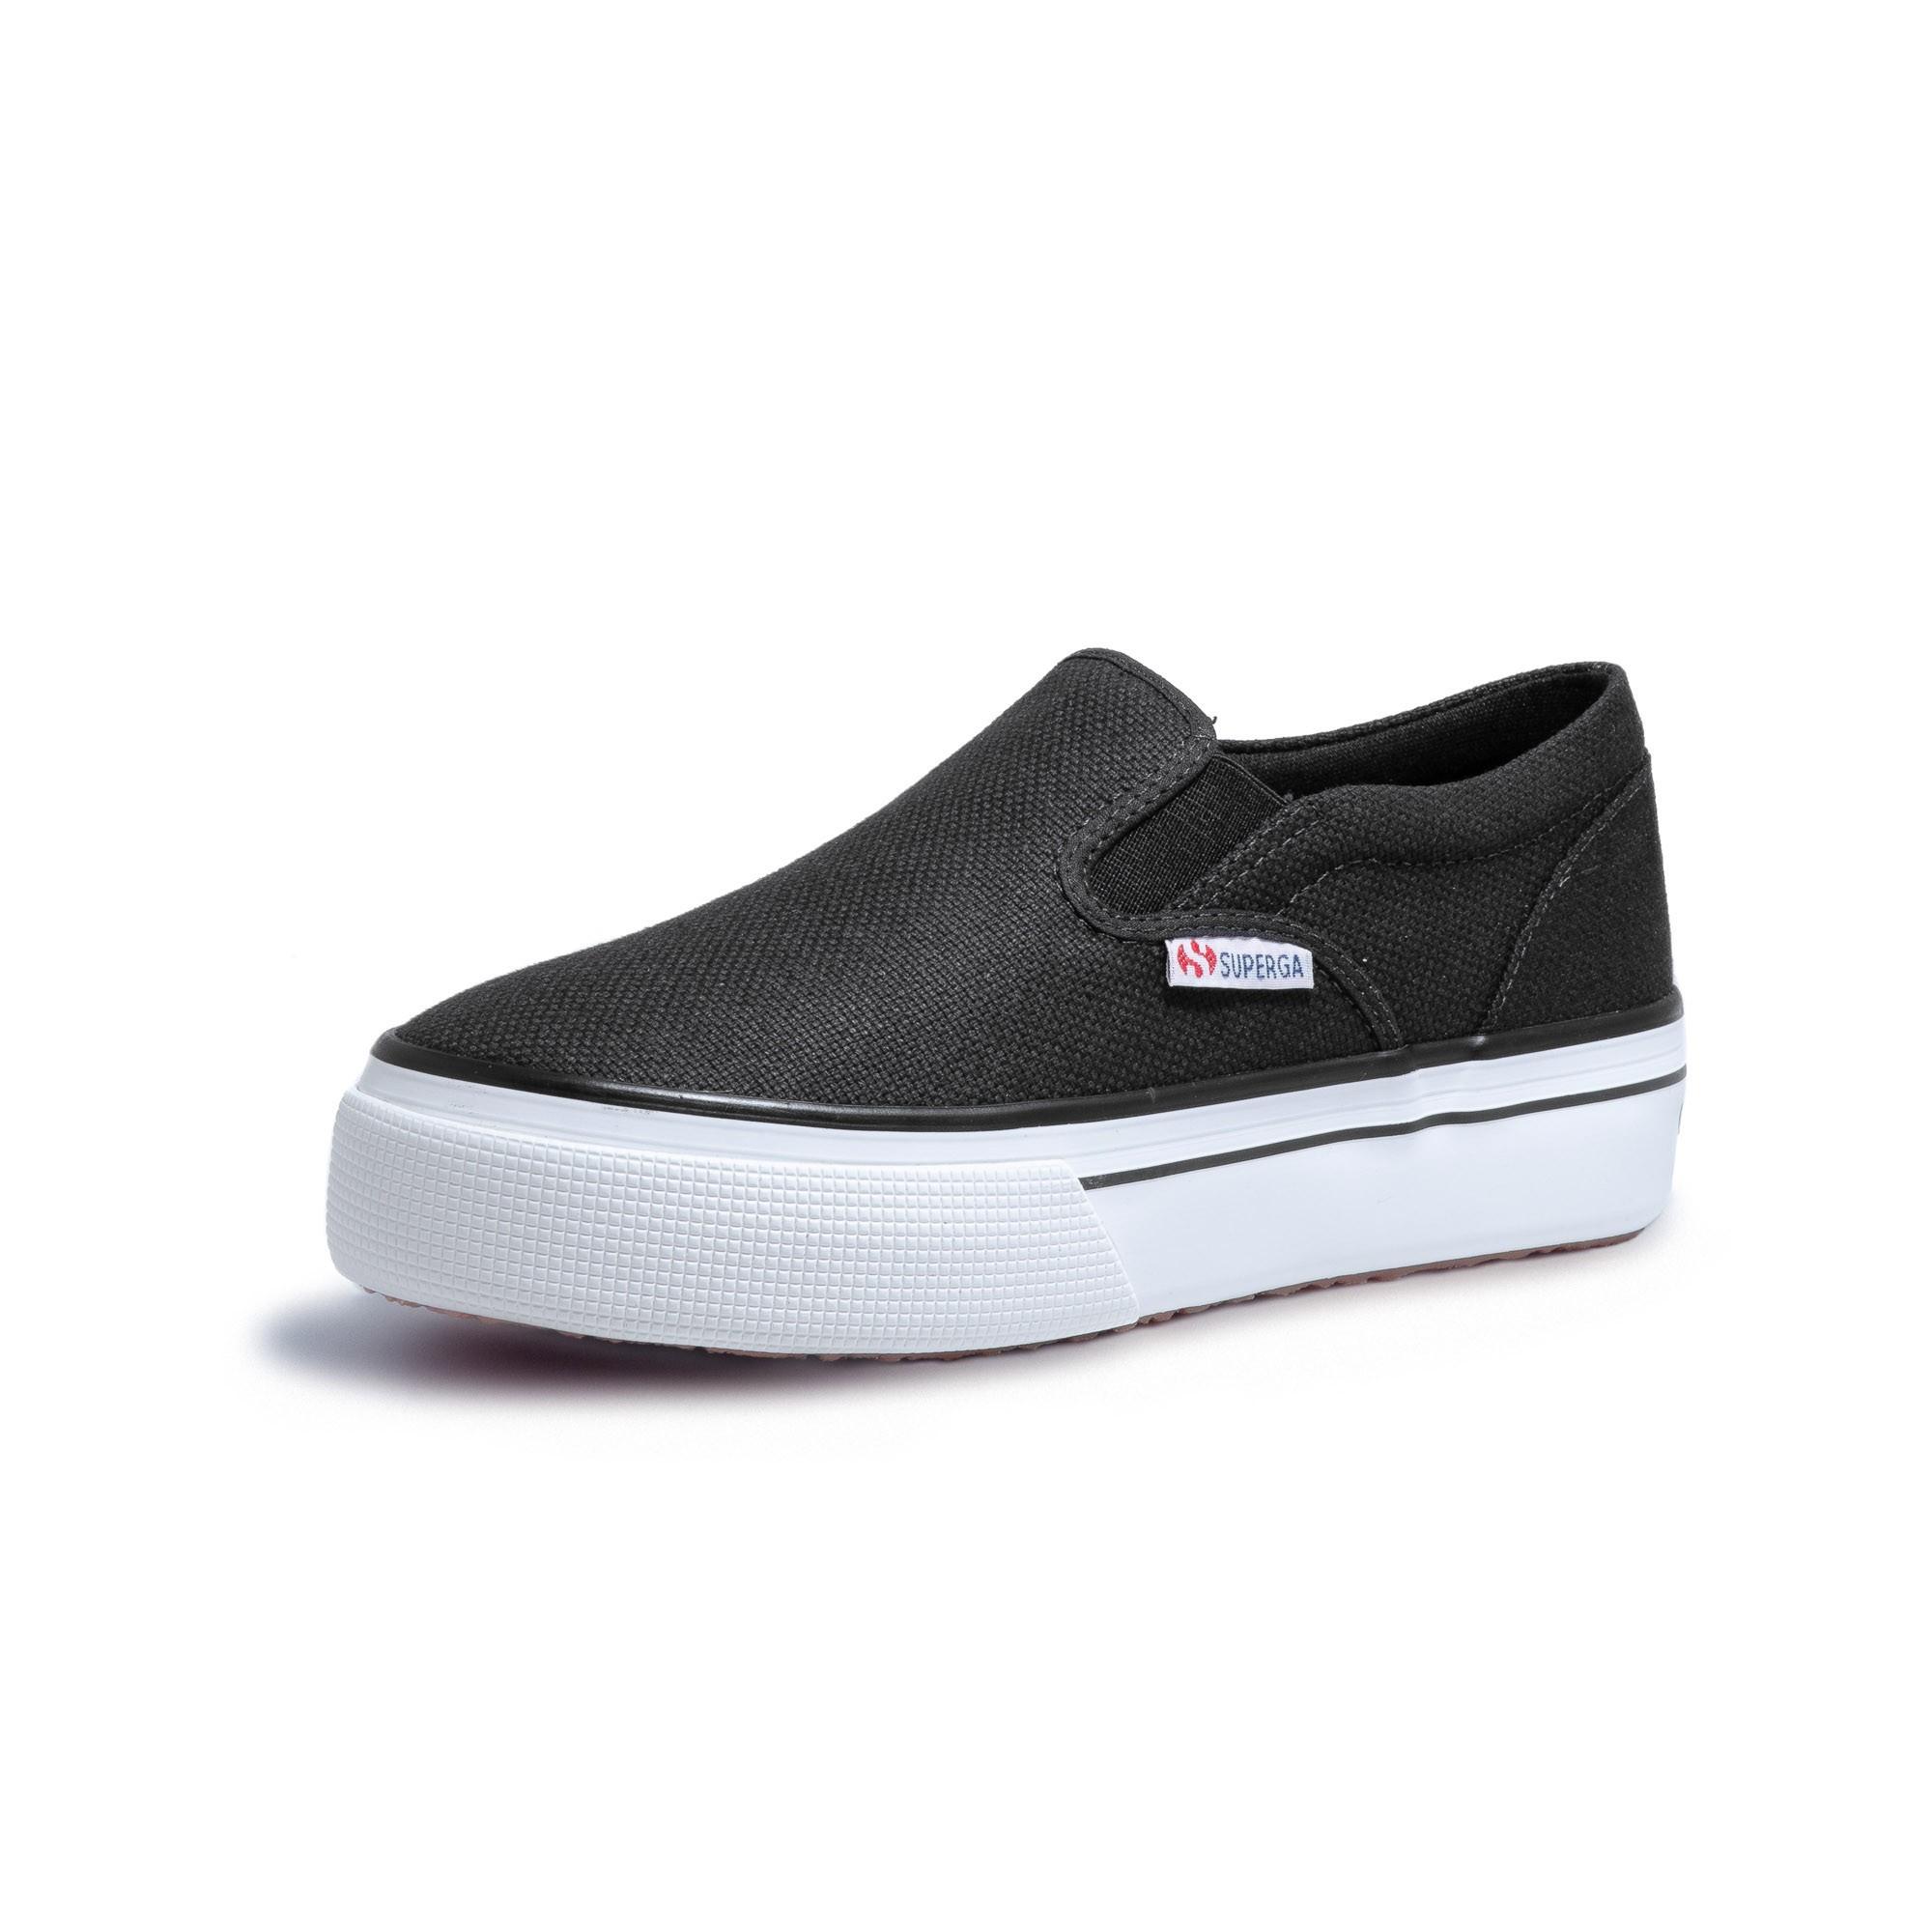 2314 SLIP ON BLACK/FRISO